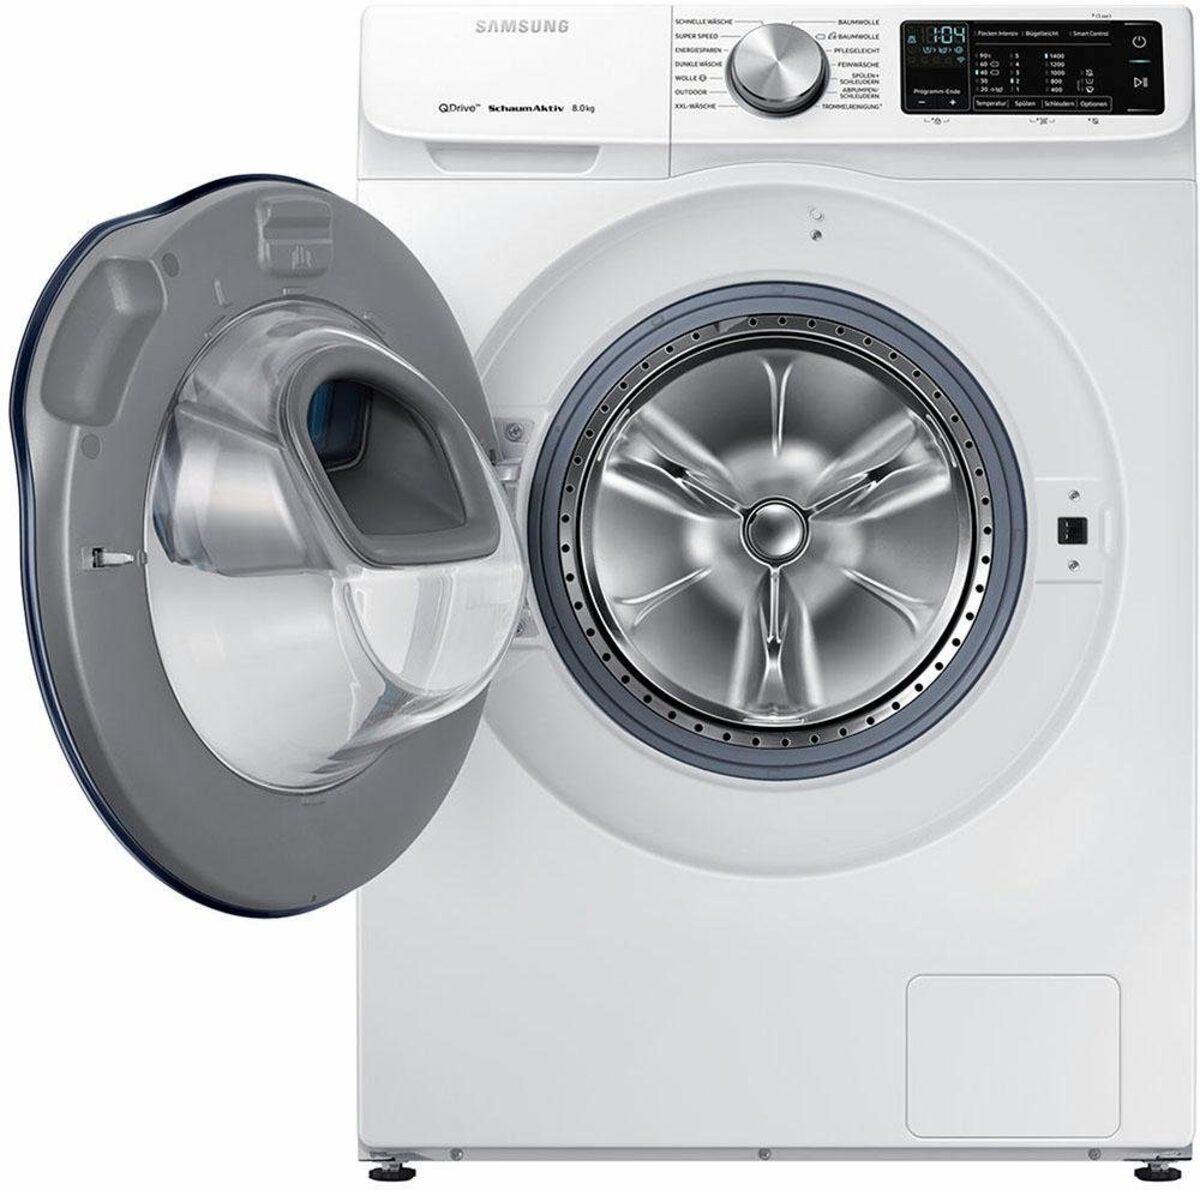 Bild 2 von Samsung Waschmaschine QuickDrive AddWash WW6800 WW8EM642OPW, 8 kg, 1400 U/Min, QuickDrive & WiFi-Steuerung